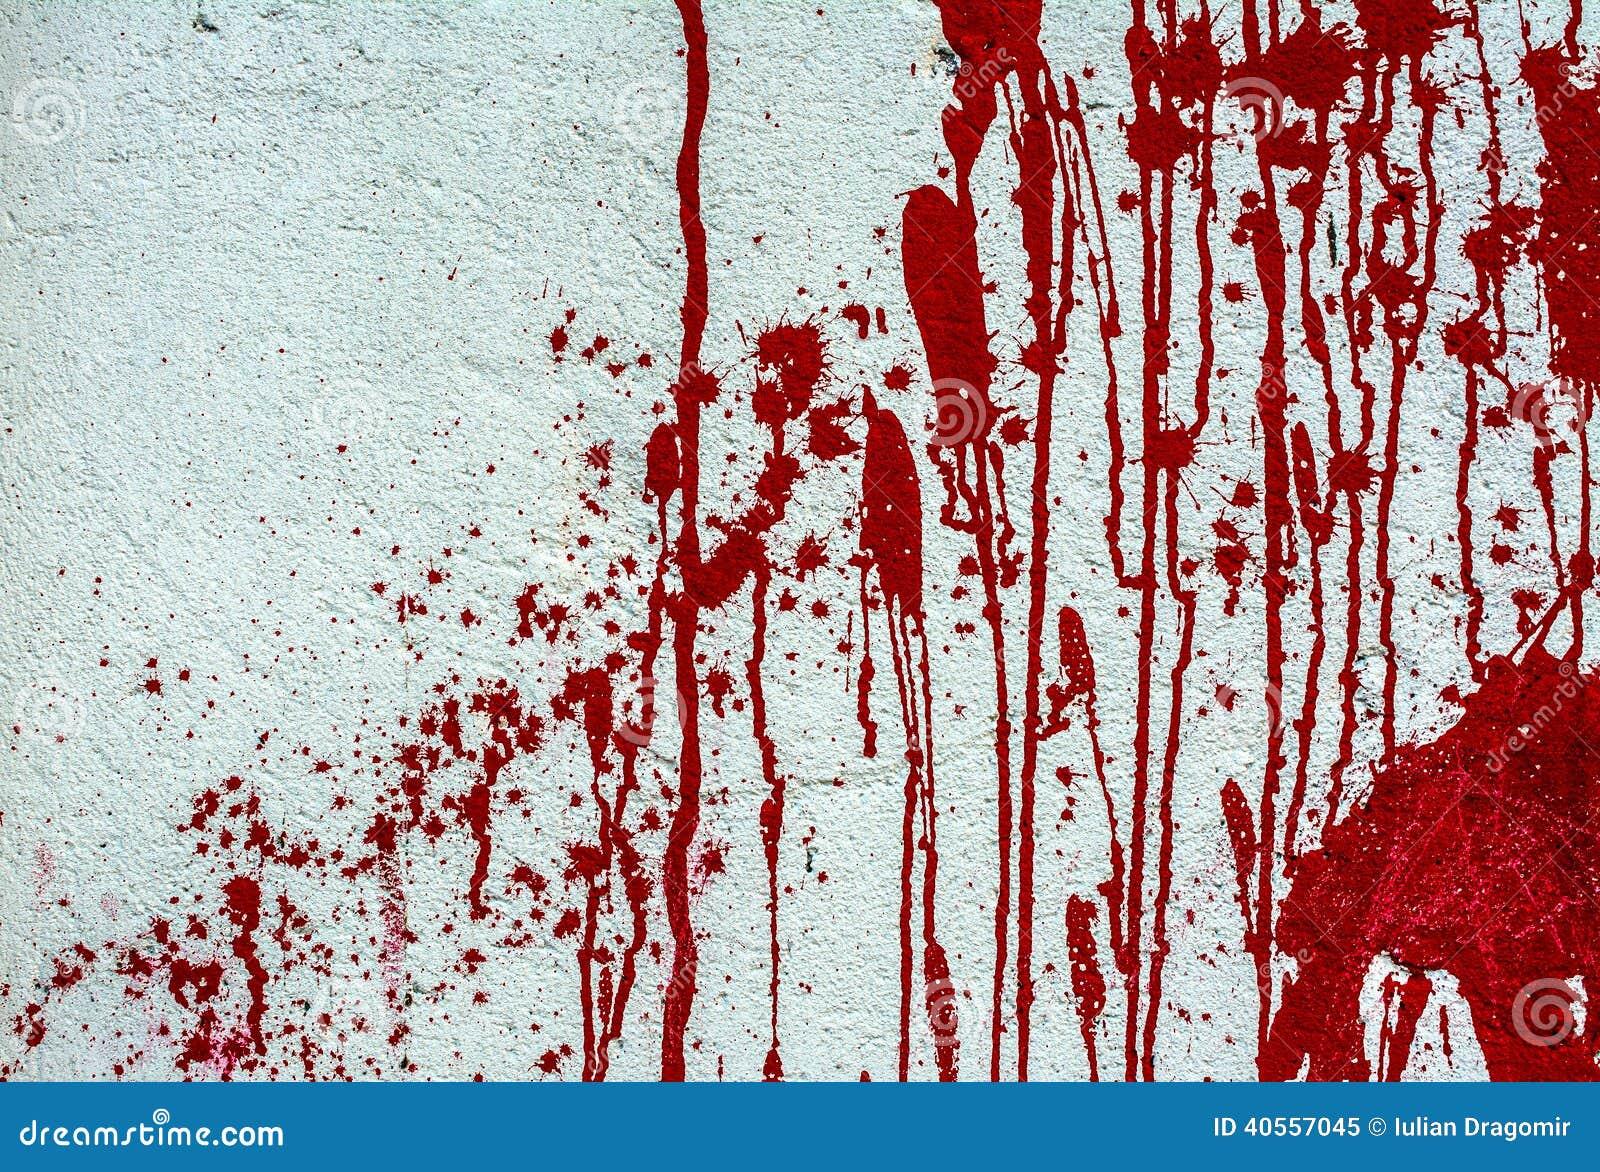 Plus d`images similaires à ` Peinture rouge sur le mur blanc `